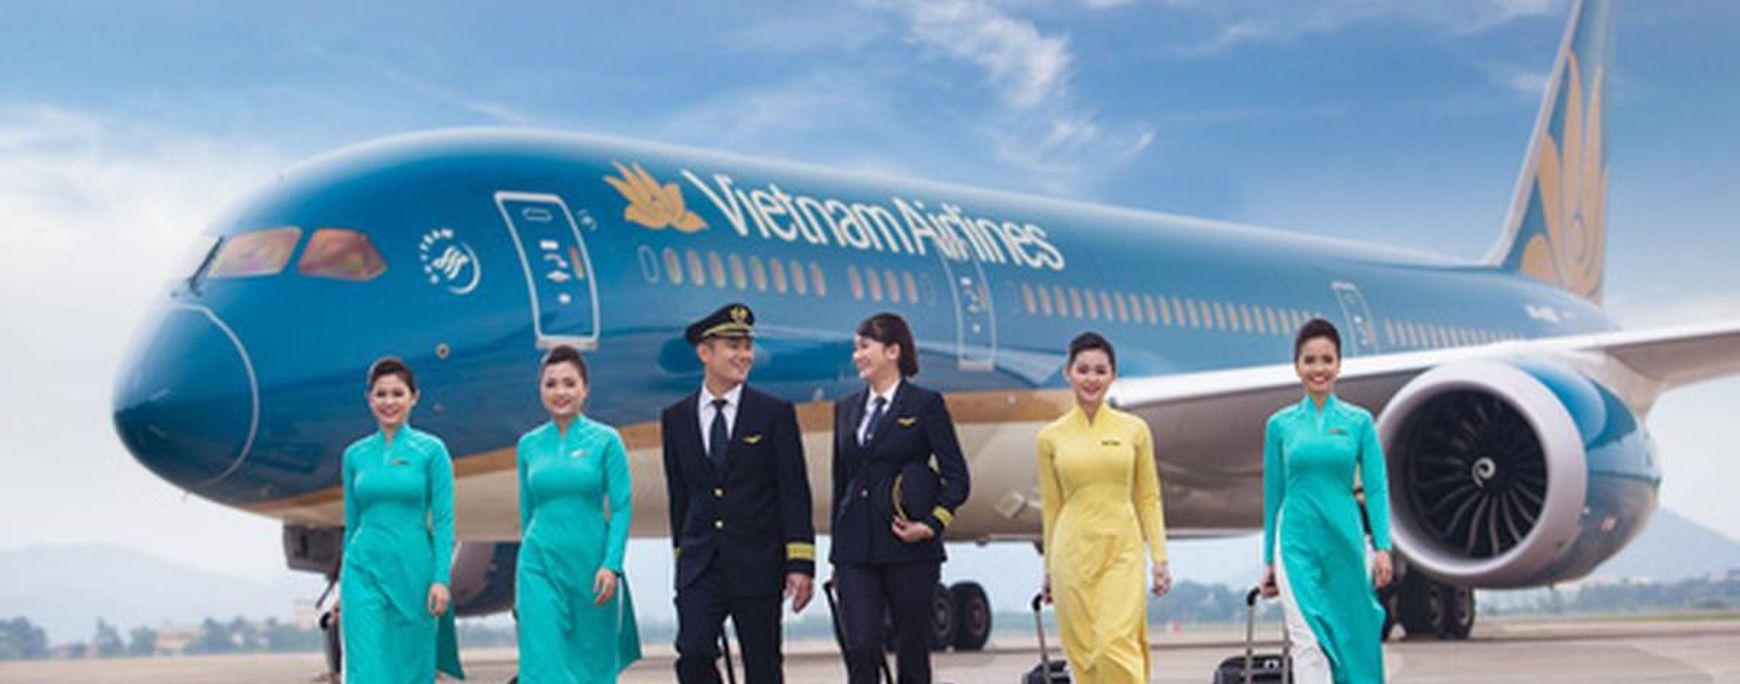 Vietnam Airlines đạt giải thưởng hãng hàng không văn hóa hàng đầu thế giới năm 2020